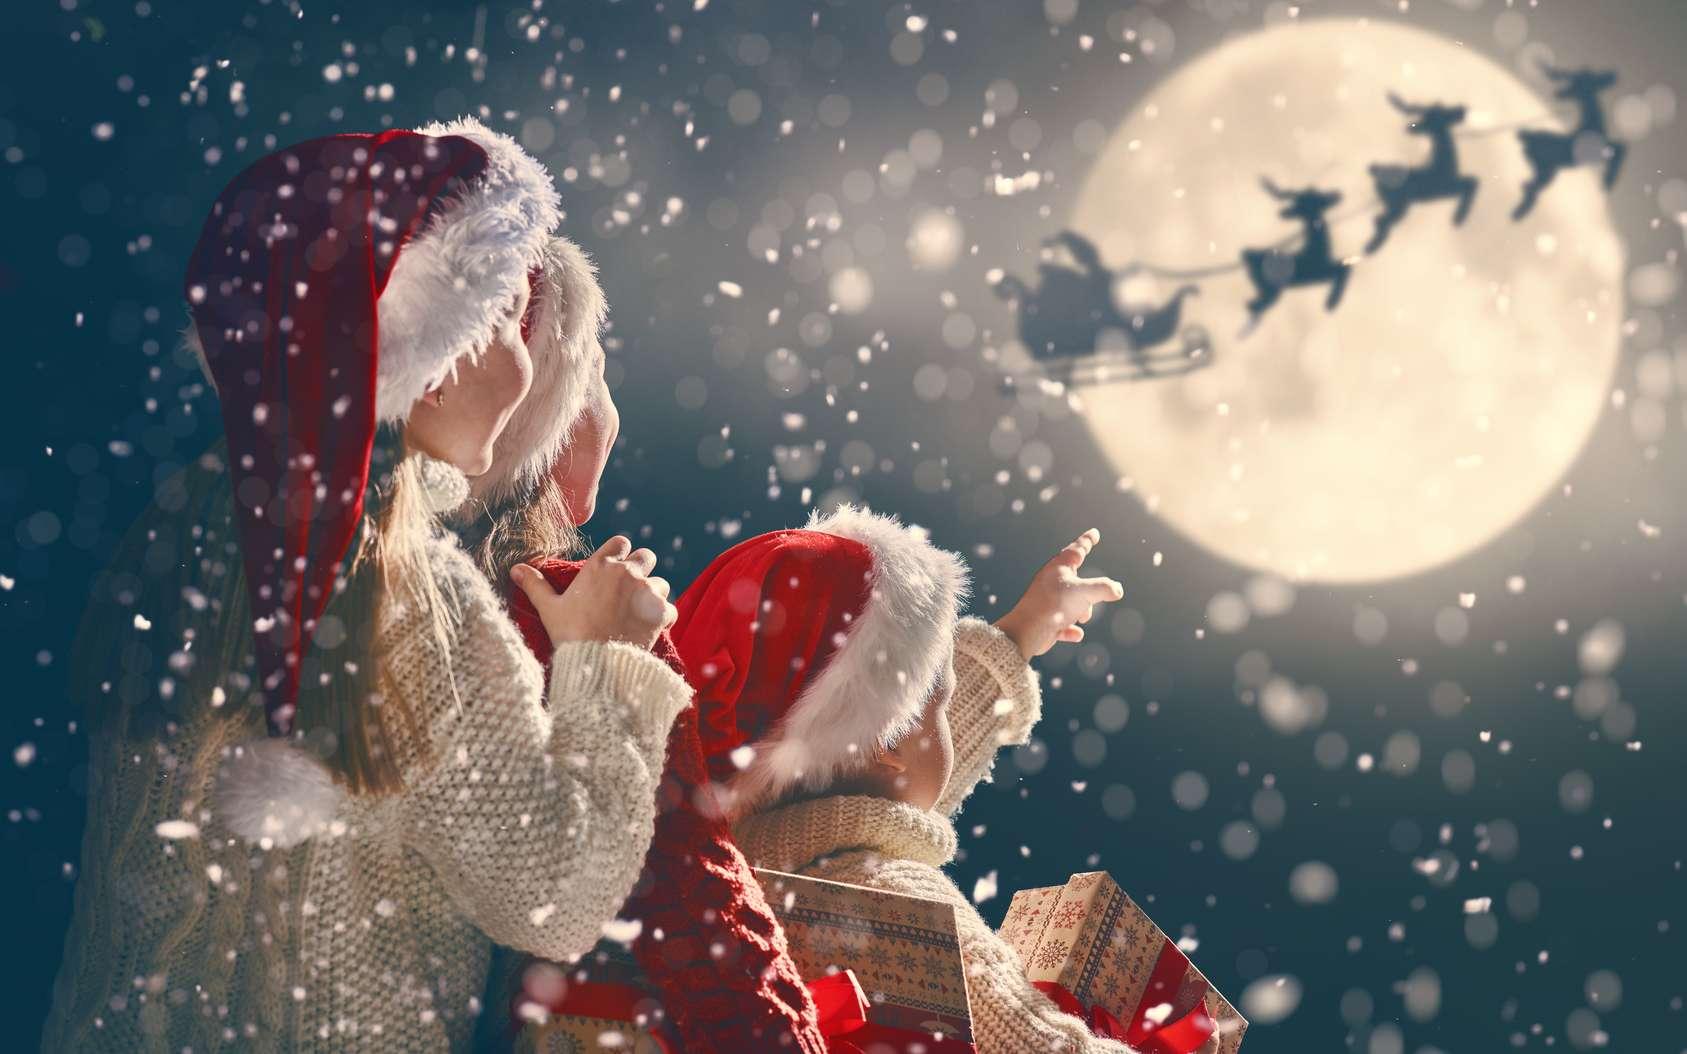 Dans la plupart des familles, la légende du père Noël fait partie intégrante des fêtes de fin d'année. © Konstantin Yuganov, fotolia